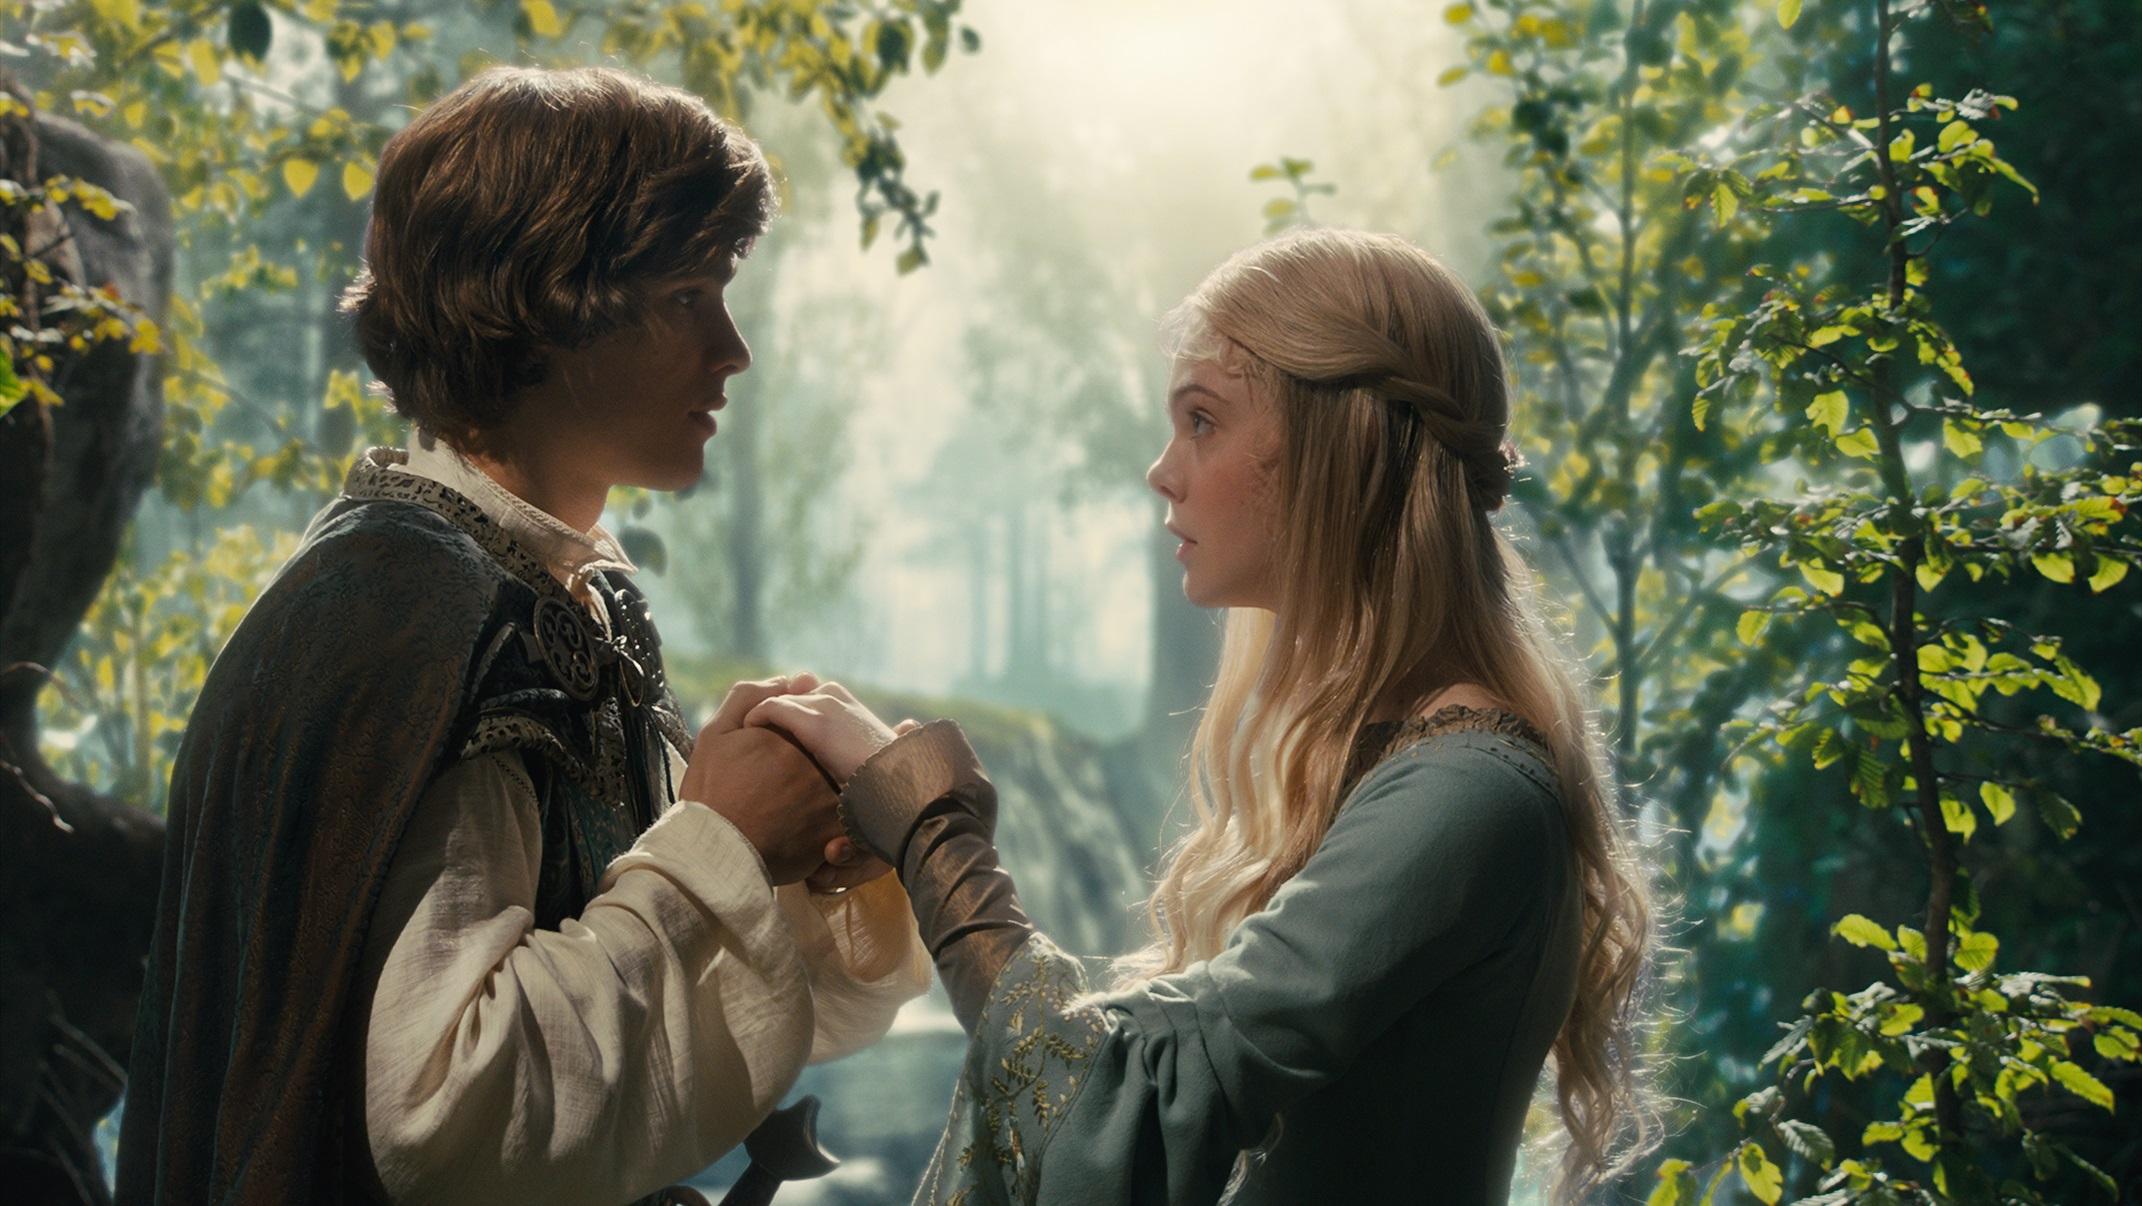 #经典看电影#一部童话改编电影,带你走近美丽梦幻的精灵世界!